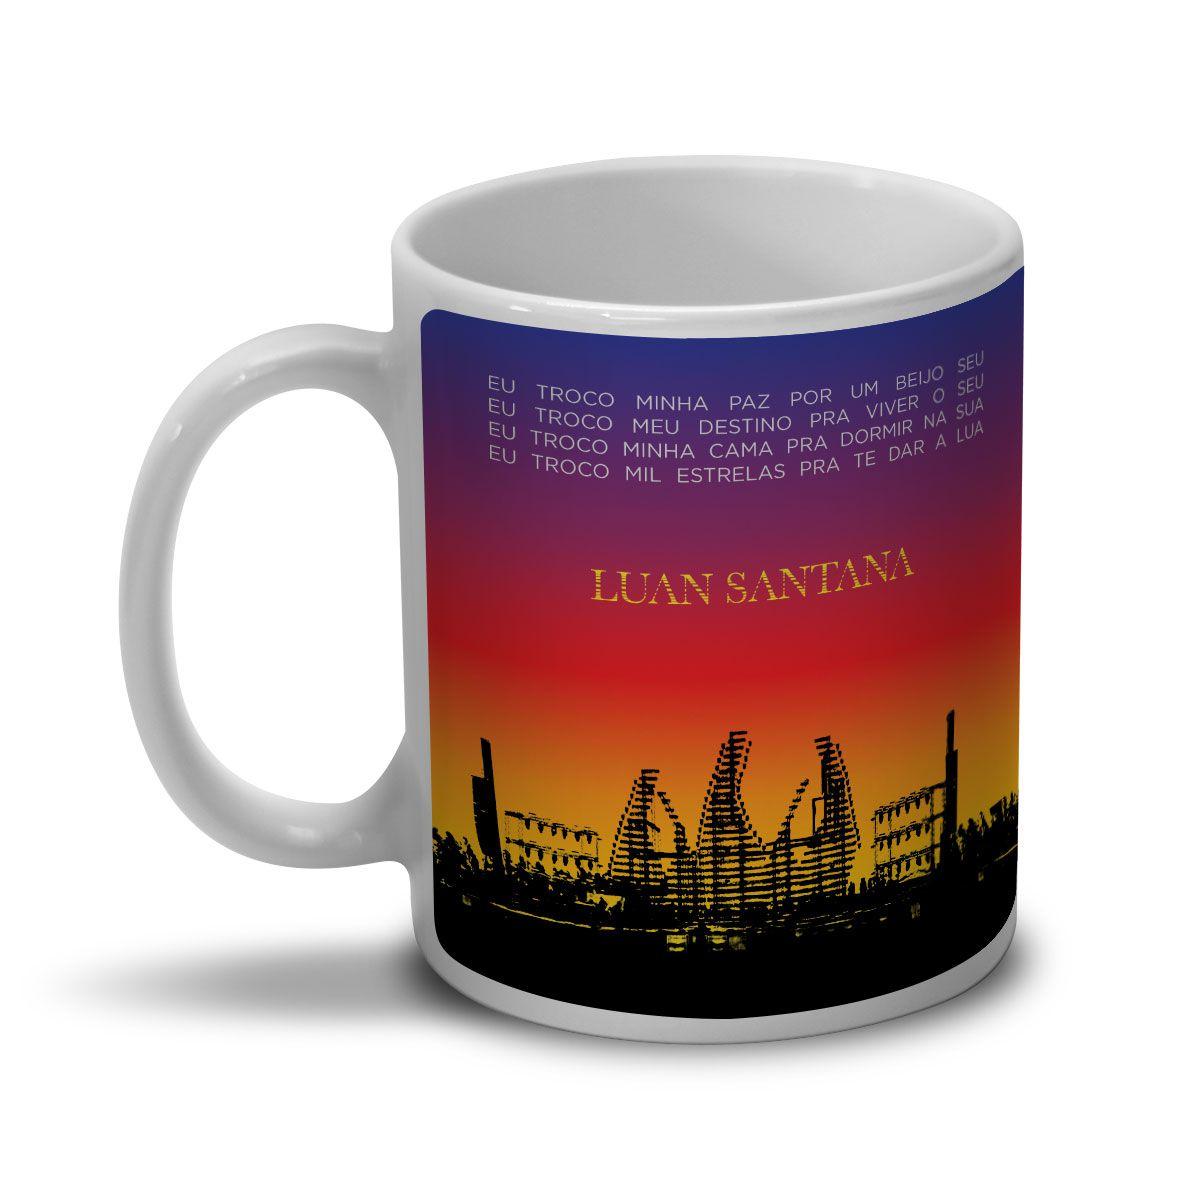 Caneca Luan Santana - Concept